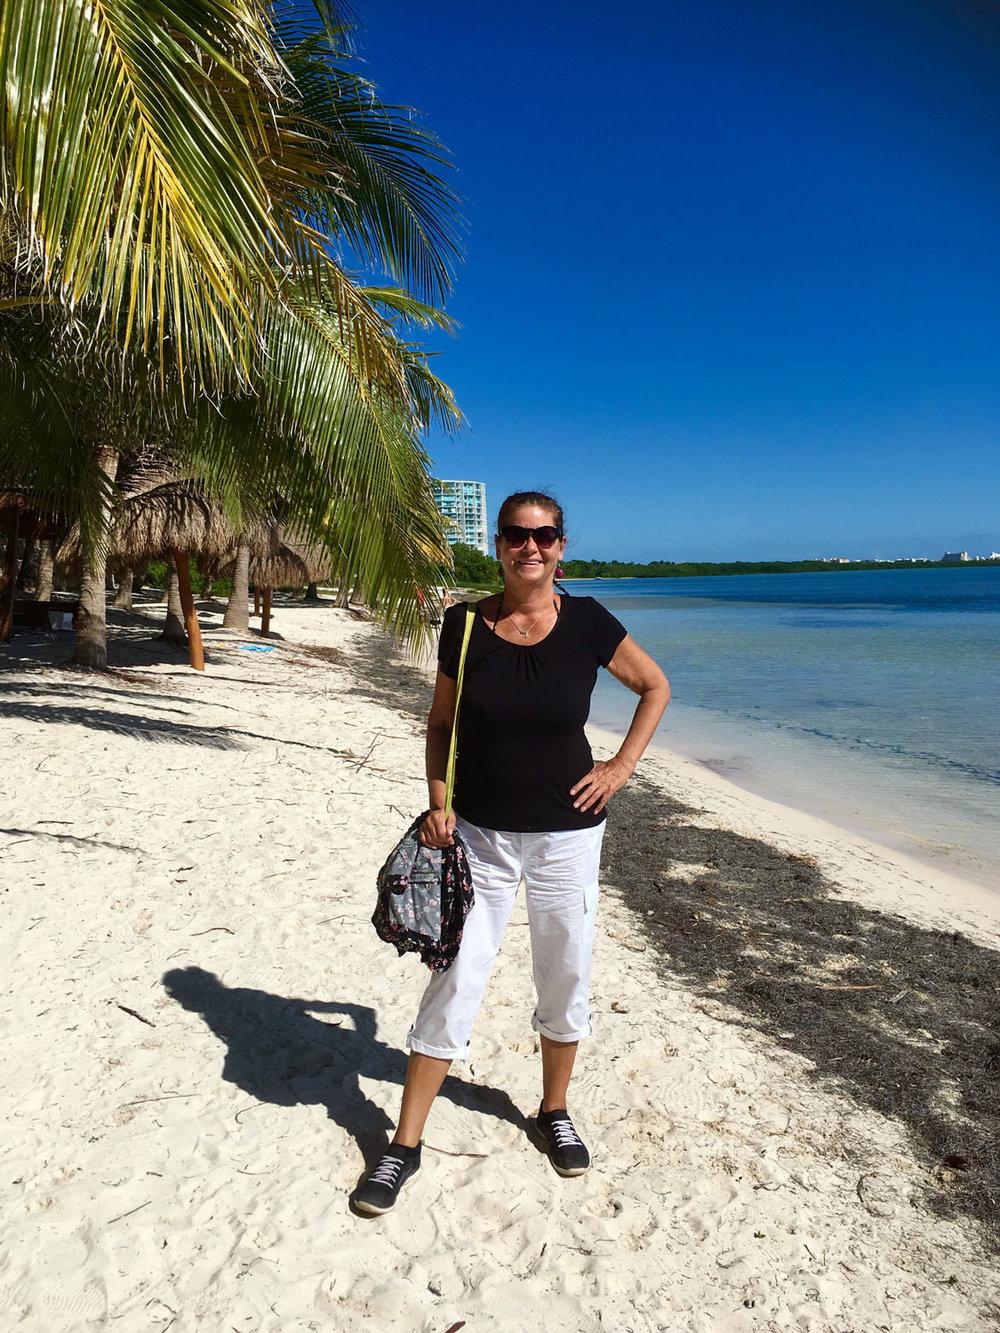 Hammocks_and_Ruins_Things_To_Do_Cancun_Explore_Riviera_Maya_Mexico_Cancun_Beaches_Coral_El_Mirador_II_8.jpg